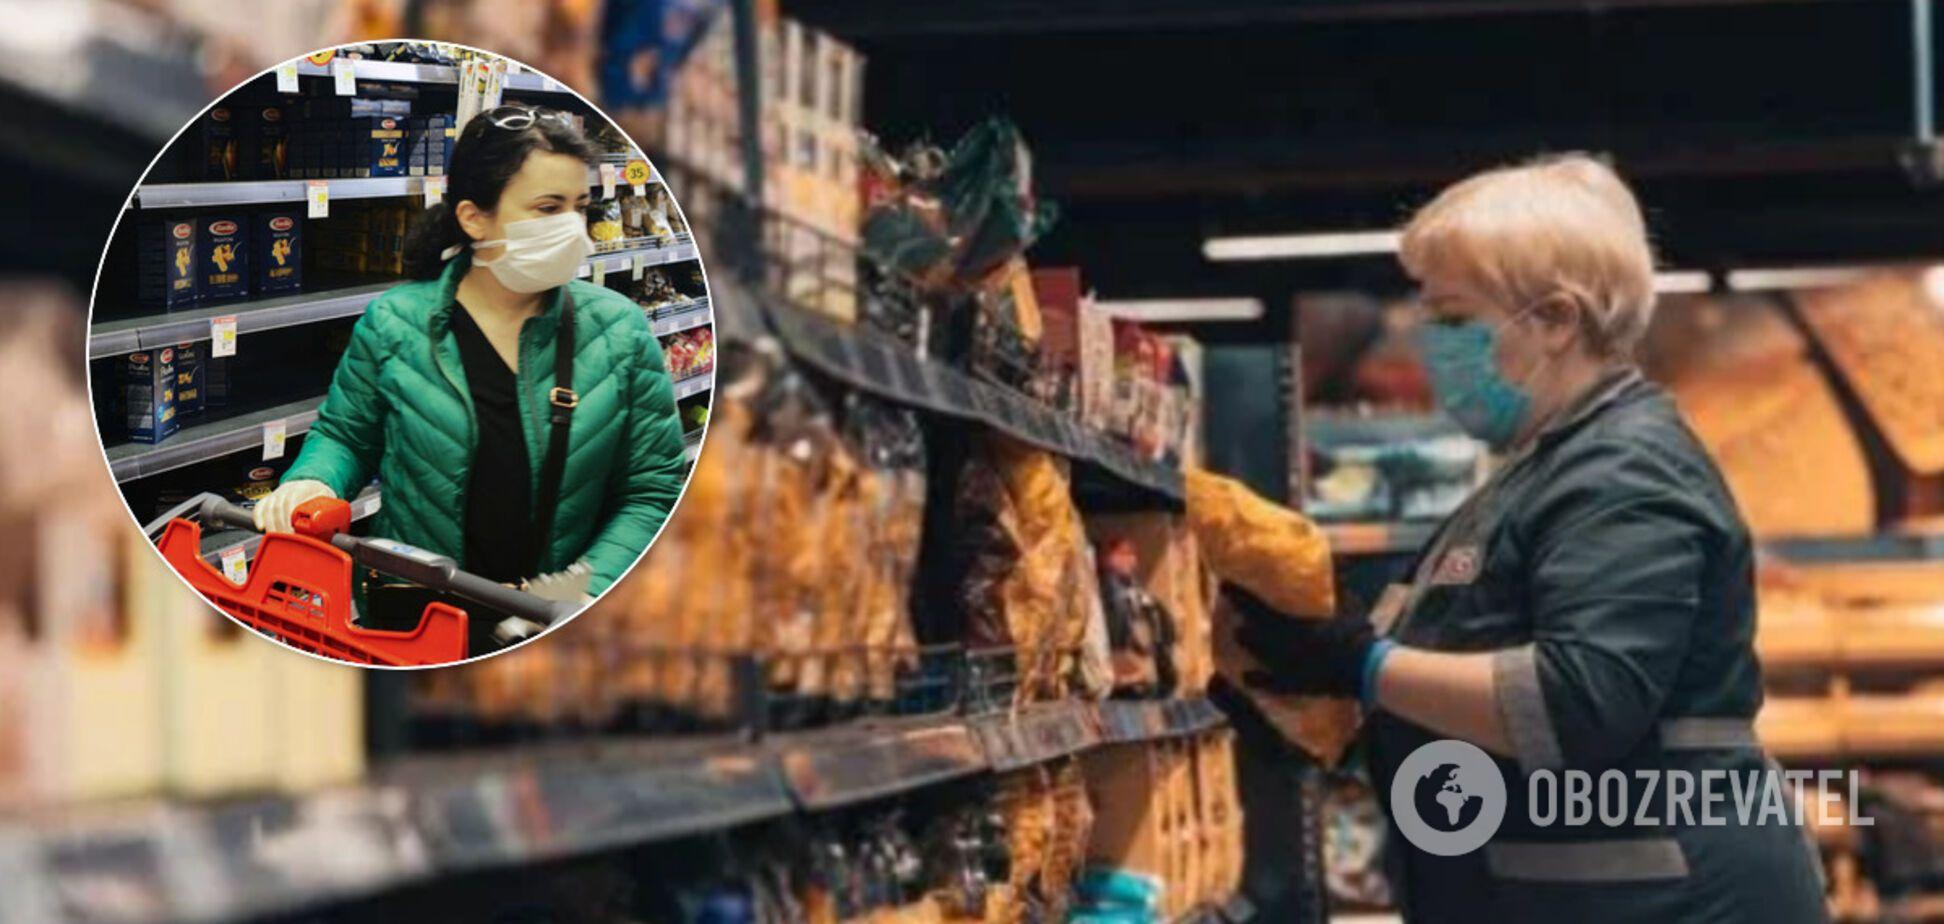 Коронавирус и покупки: эксперт сказал, нужно ли дезинфицировать продукты